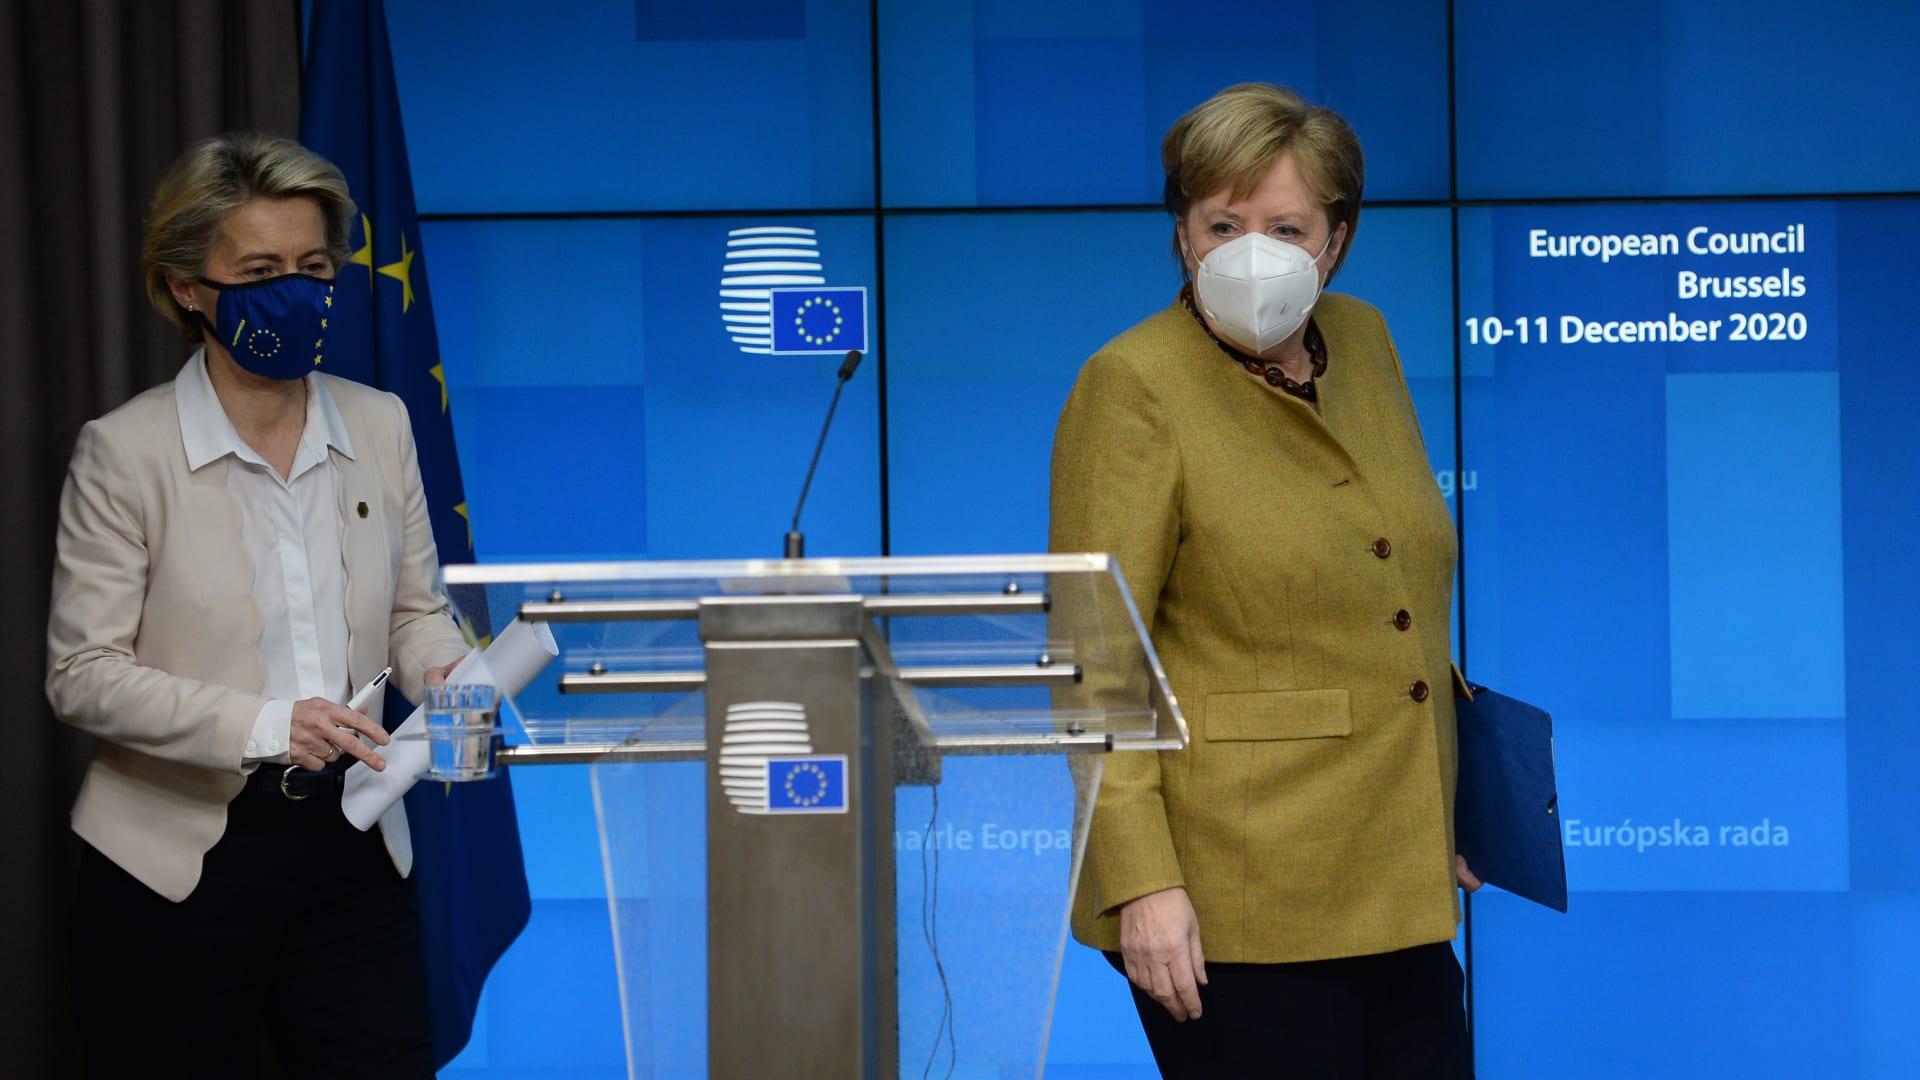 الاتحاد الأوروبي يفرض عقوبات جديدة على تركيا.. وأنقرة: تضر بالمصالح المشتركة